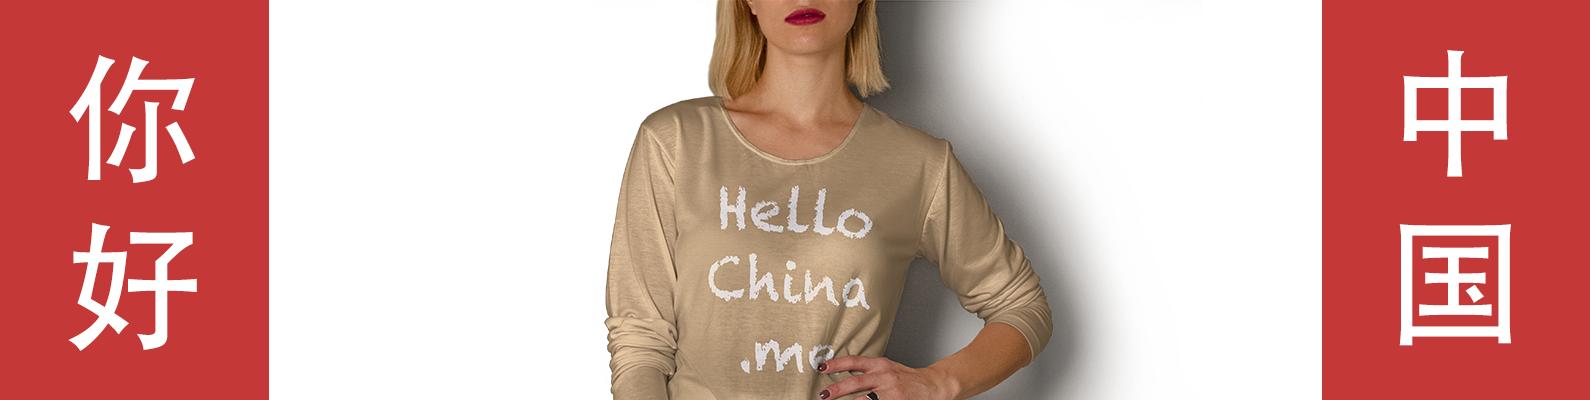 HelloChina